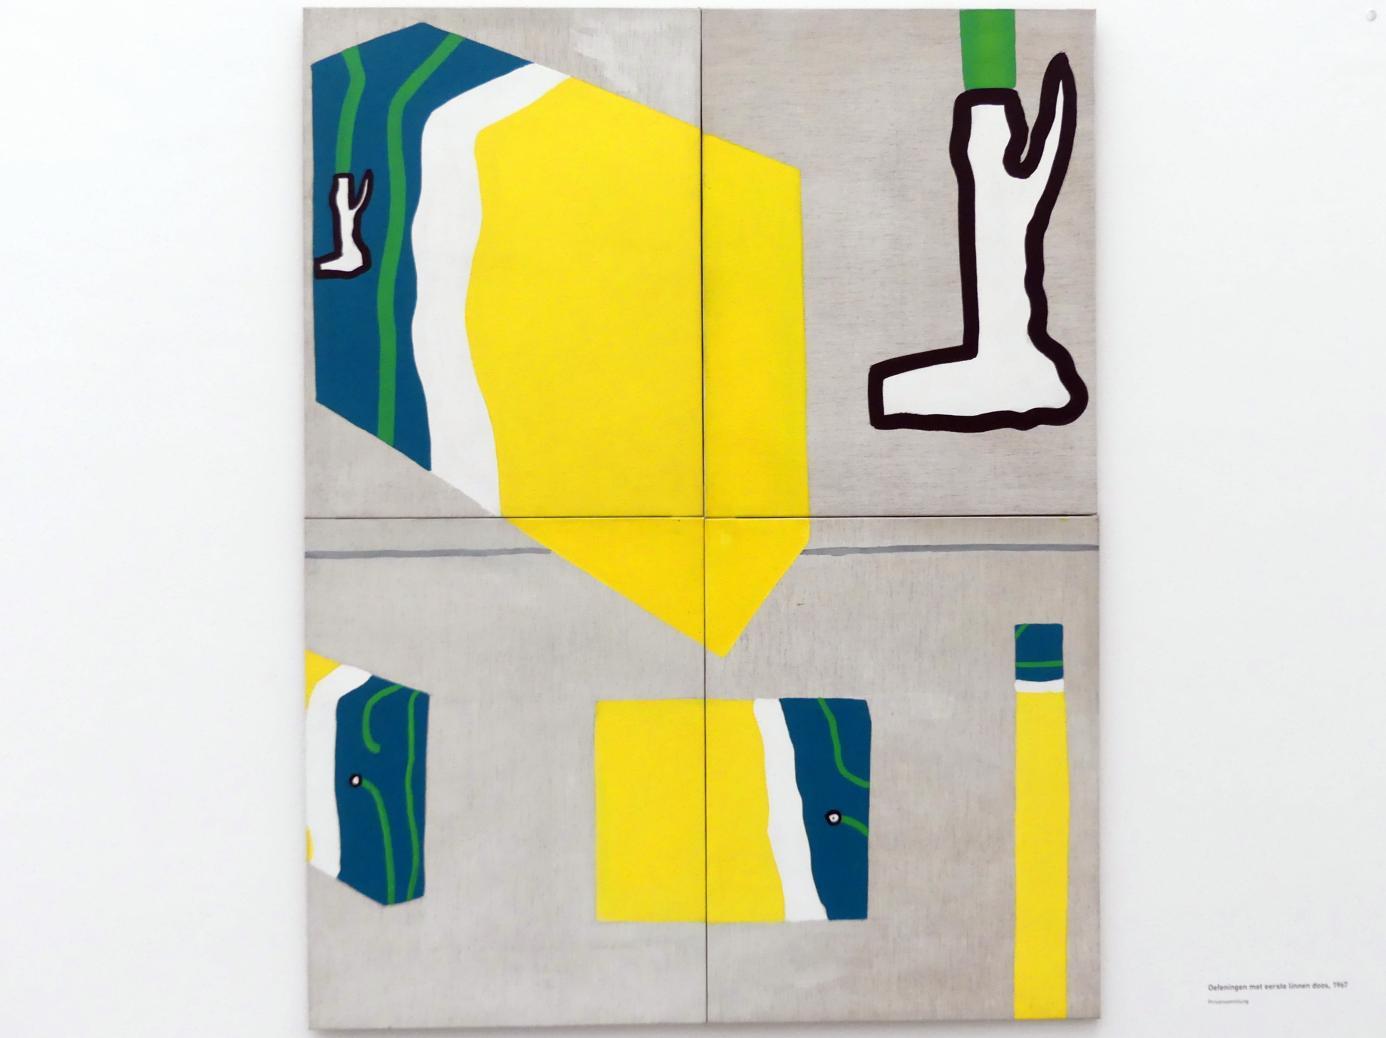 Raoul De Keyser: Oefeningen met eerste linnen doos - Übungen mit der ersten Wäschebox, 1967